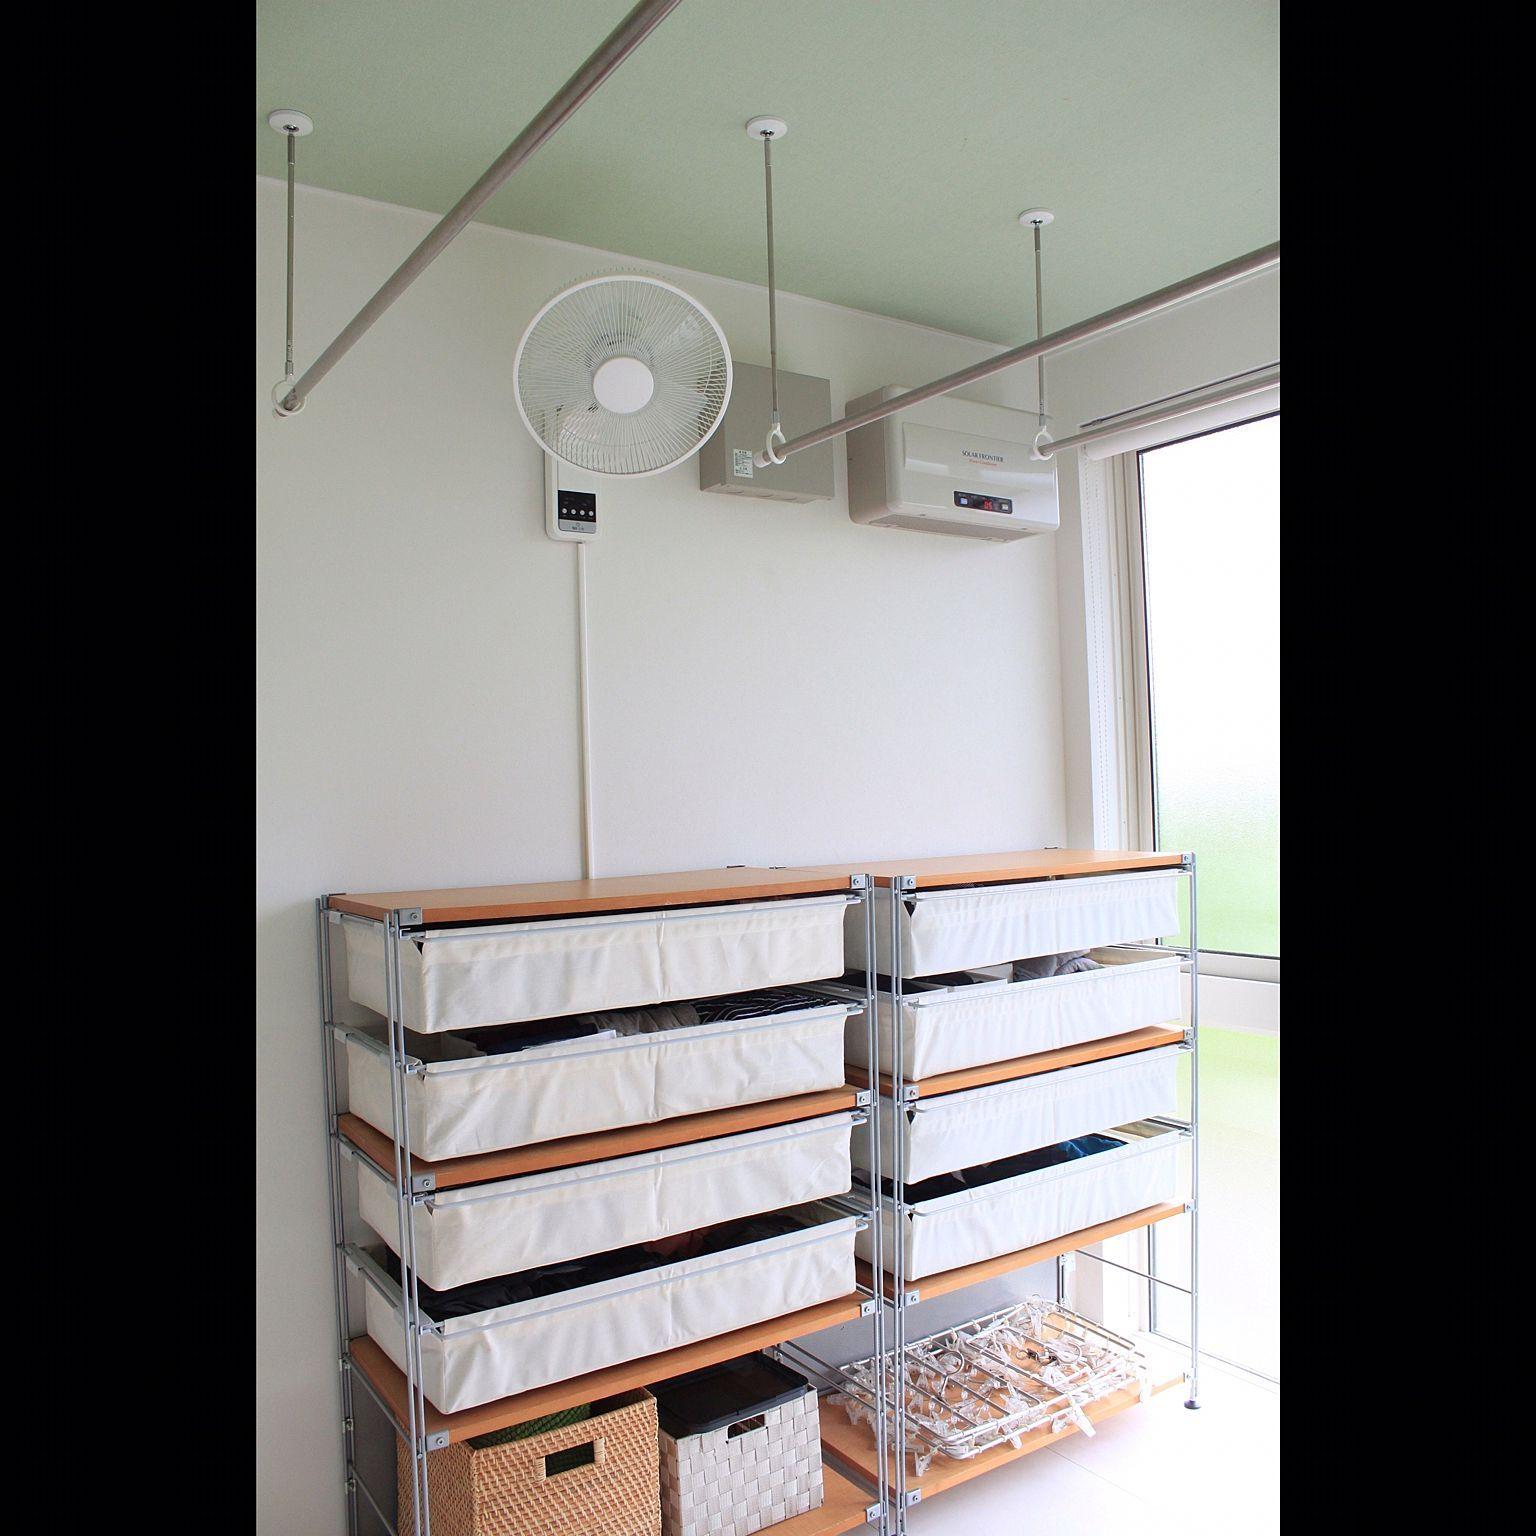 Mimimimi Home Instagram 洗濯機上収納 ここには絶対可動式の棚とパイプをつけて欲しくて頼みました パイプにはハンガーをかけてすぐに洗濯物を干せるように 2020 洗濯機上 収納 トイレ 収納 アイデア インテリア 収納